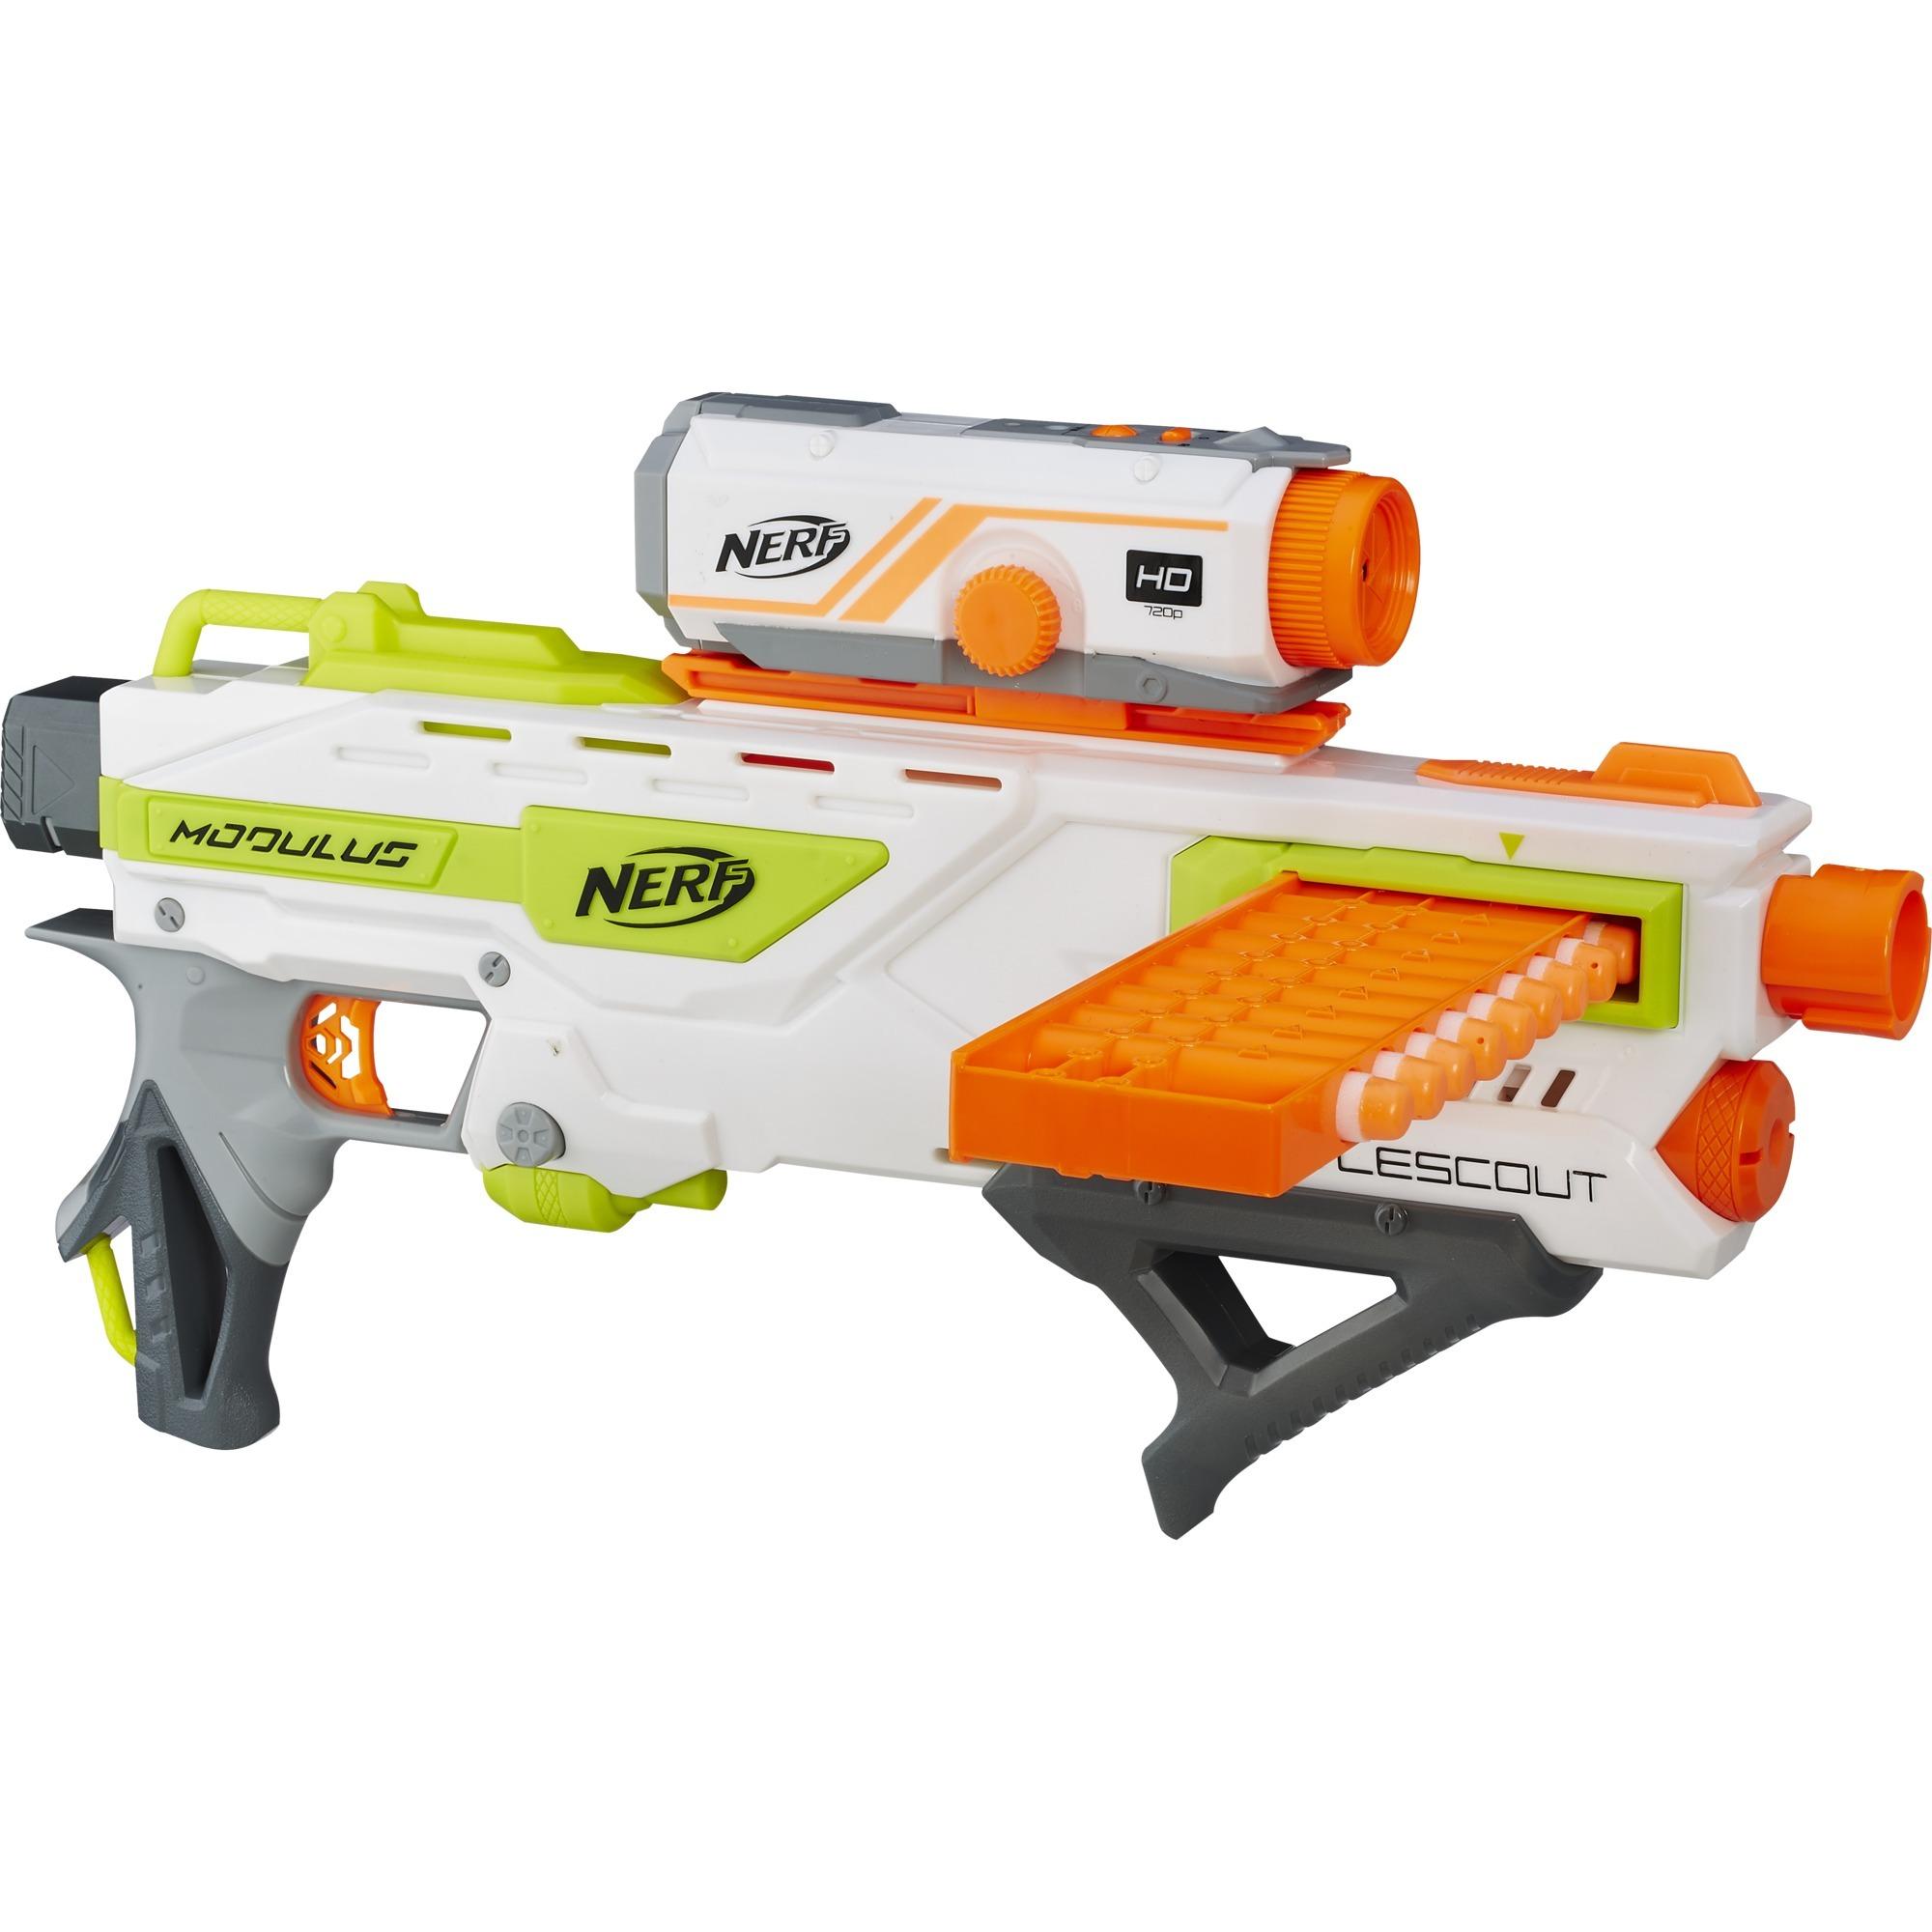 modulus-recon-battlescout-legetojs-angrebsriffel-nerf-gun